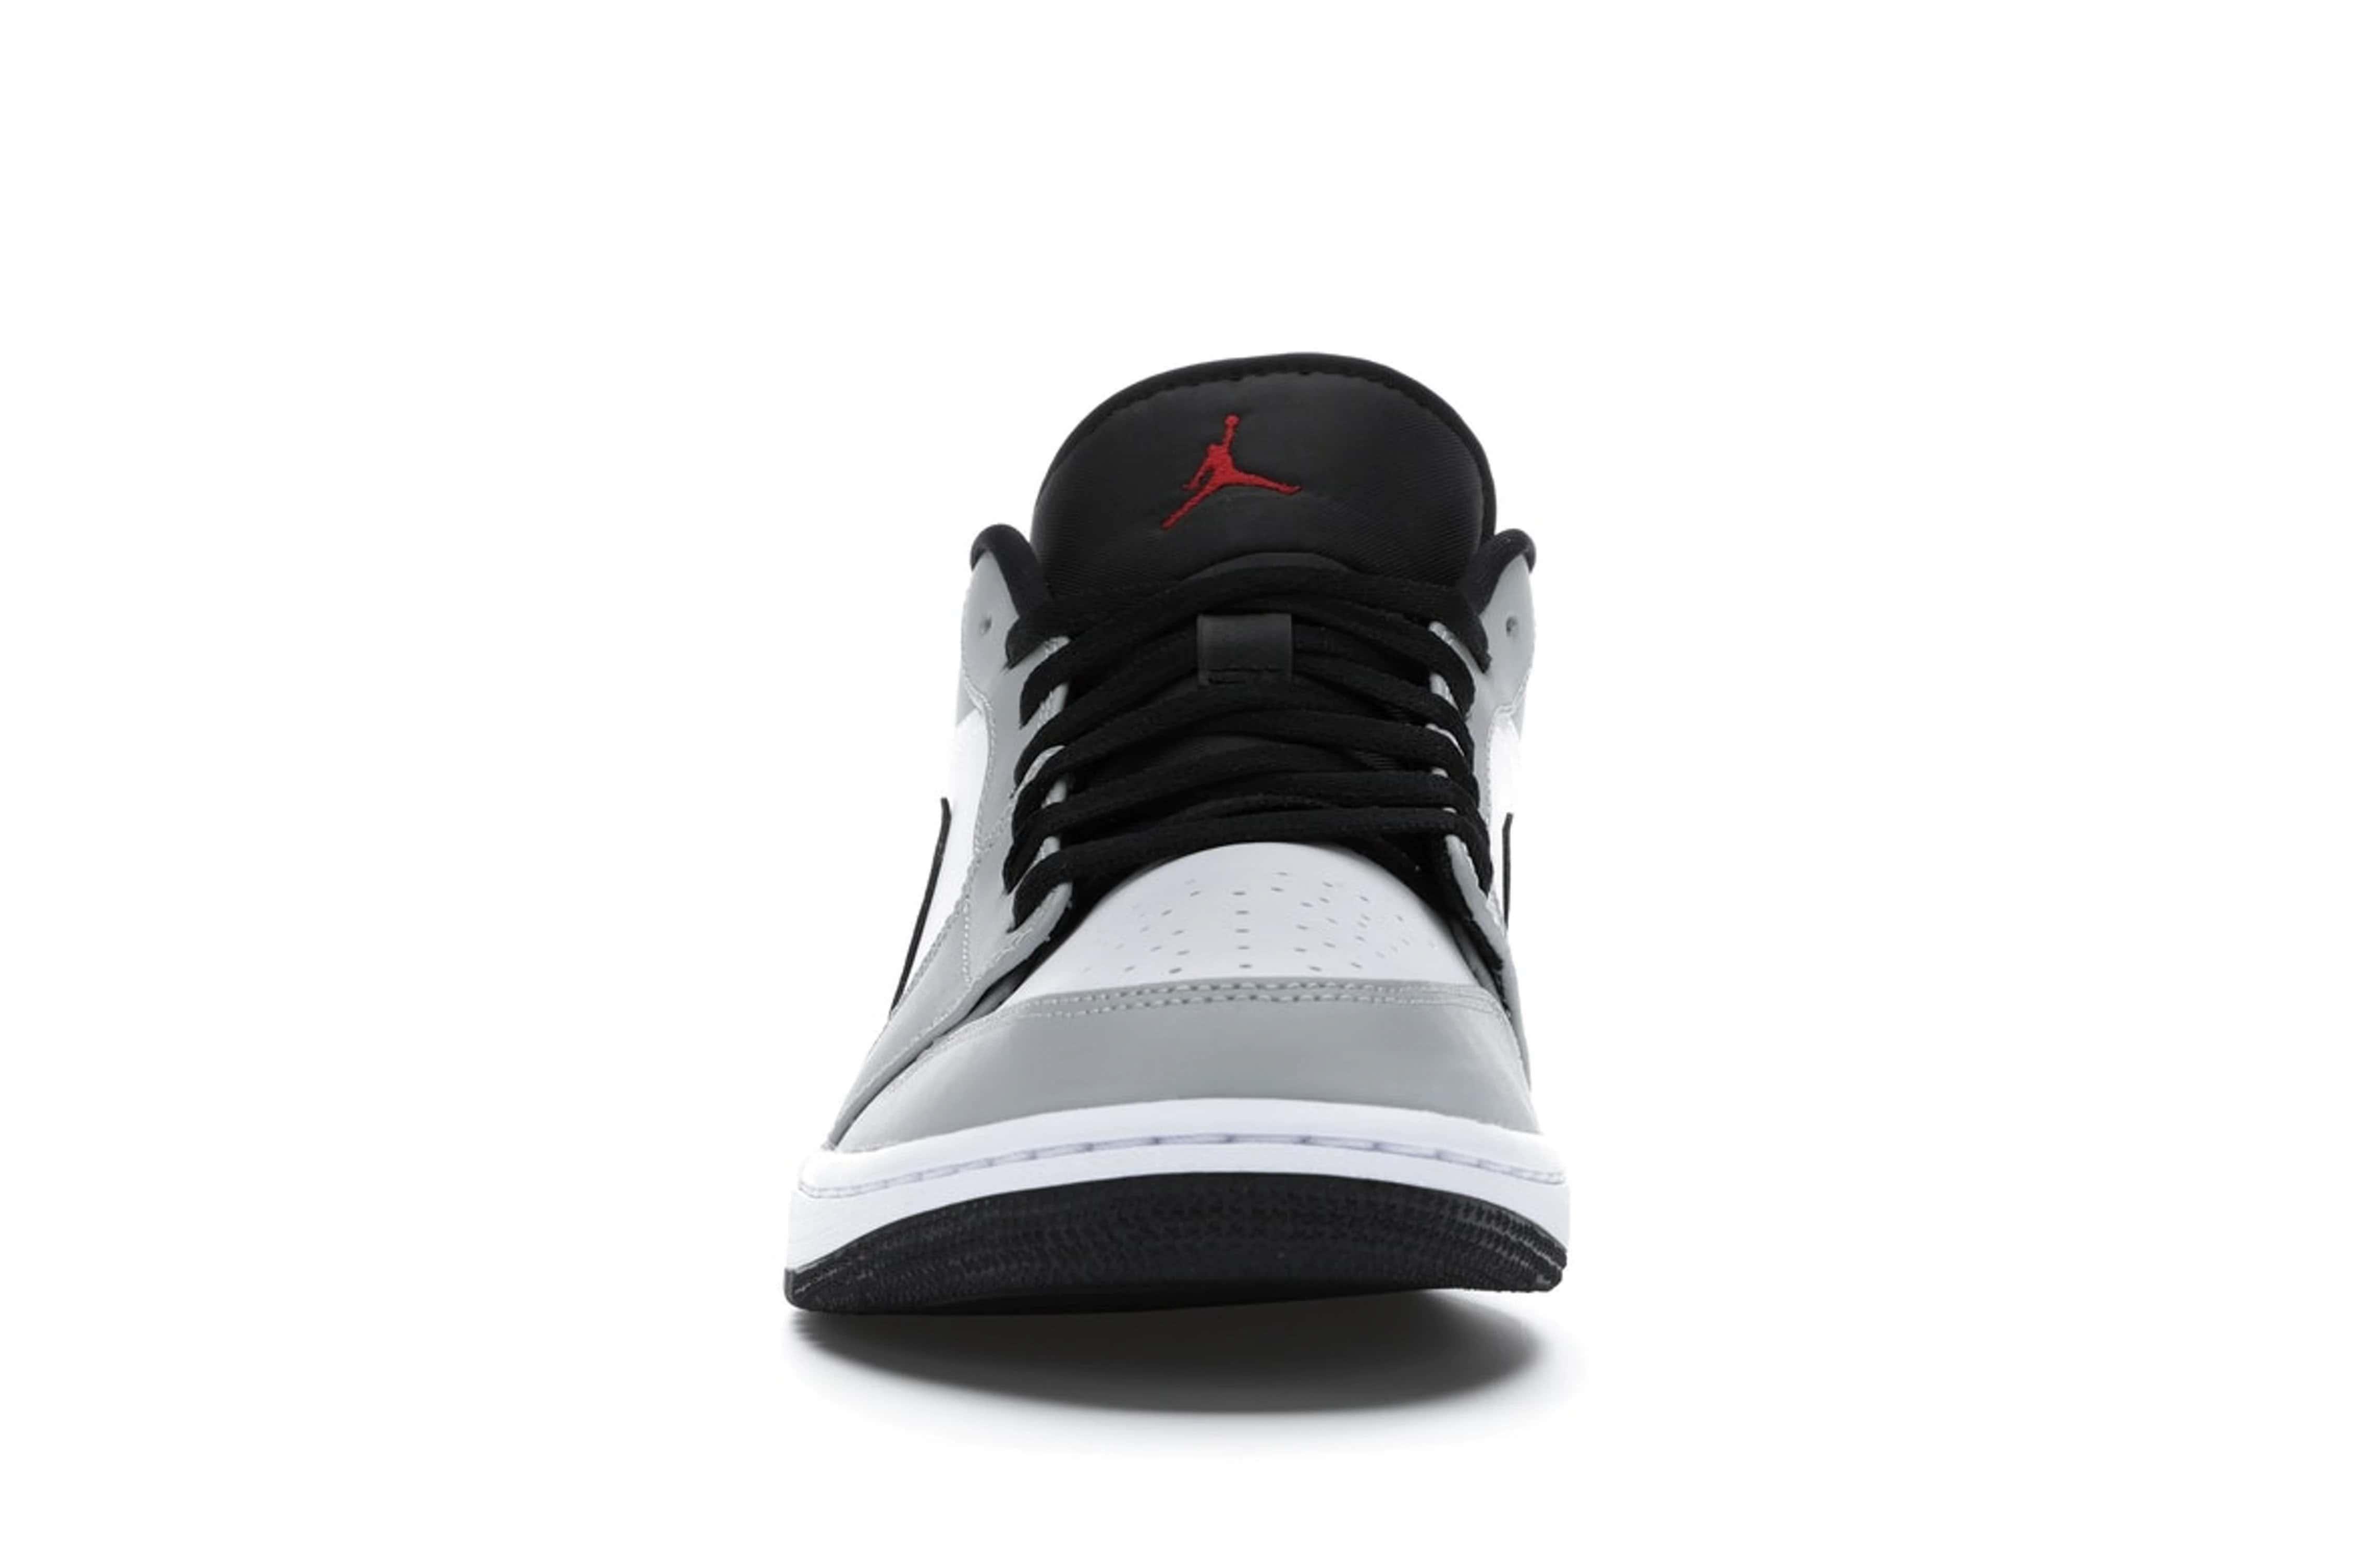 slide 2 - Jordan 1 Low Light Smoke Grey